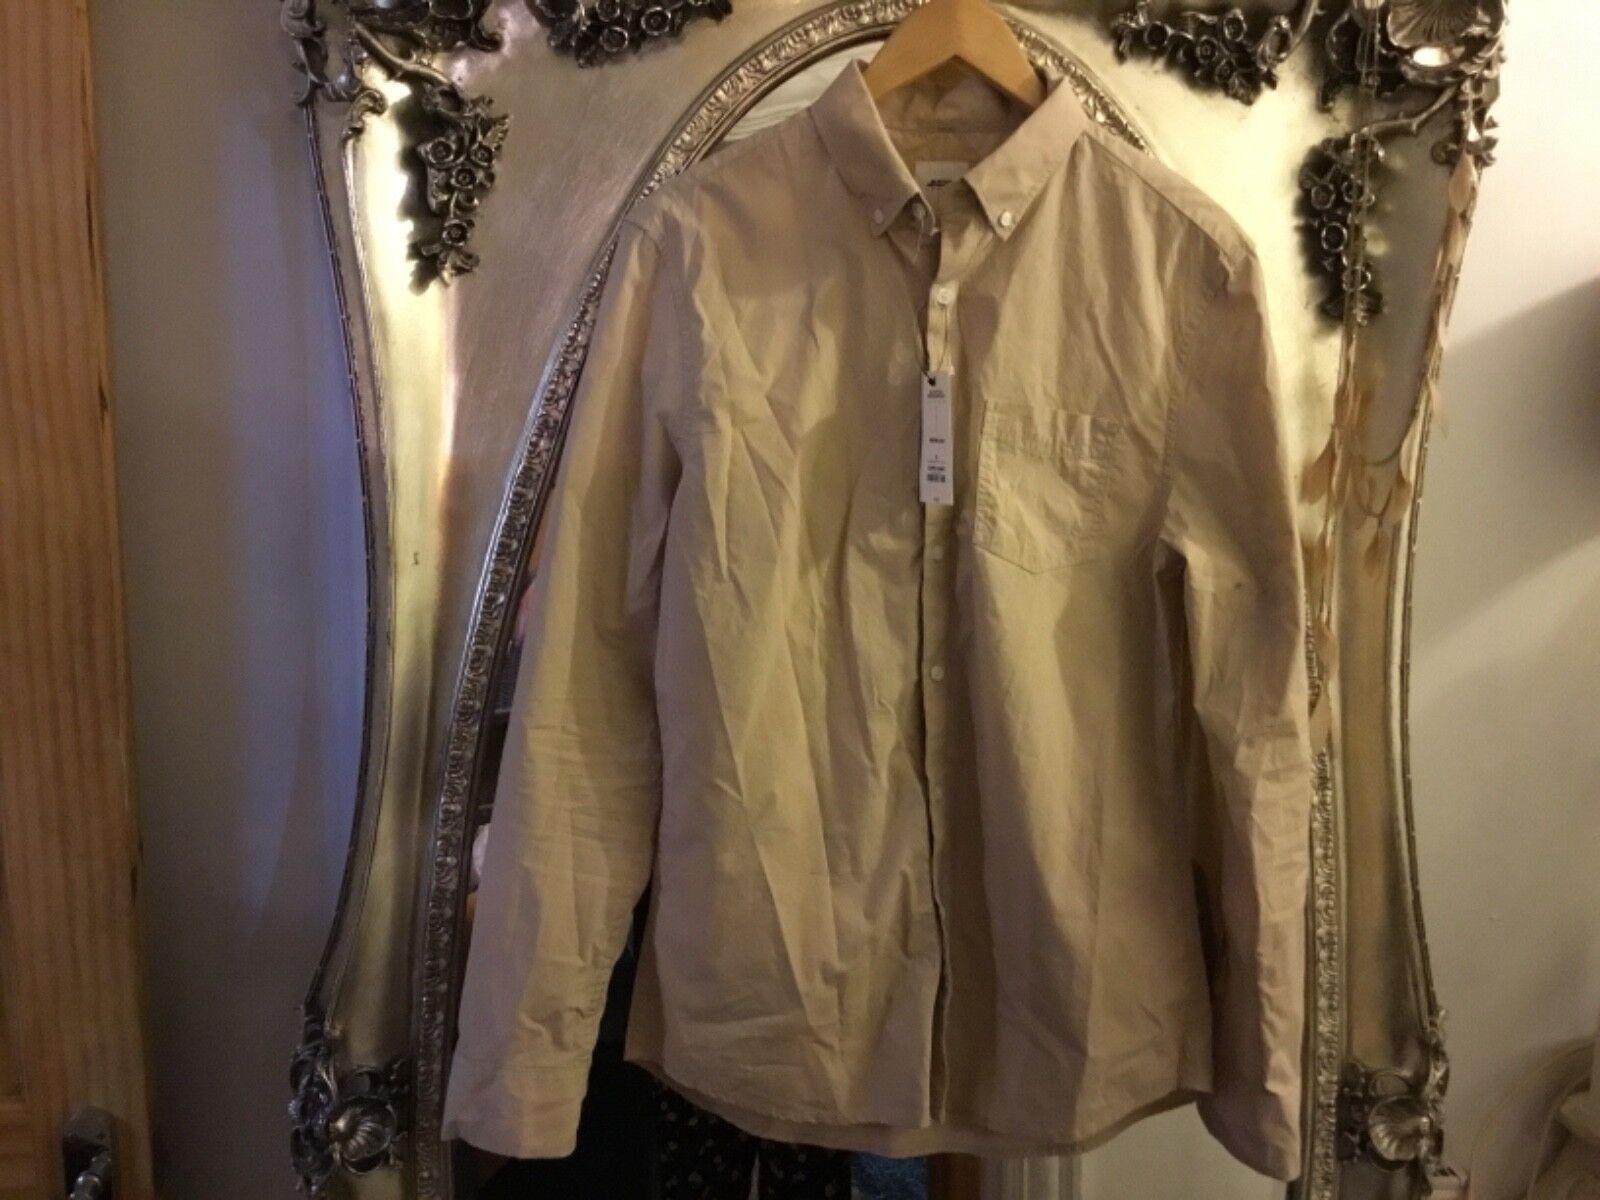 Burton Menswear manches Beigh à manches Menswear longues shirtbutton Col Neuf Avec Étiquettes 241731